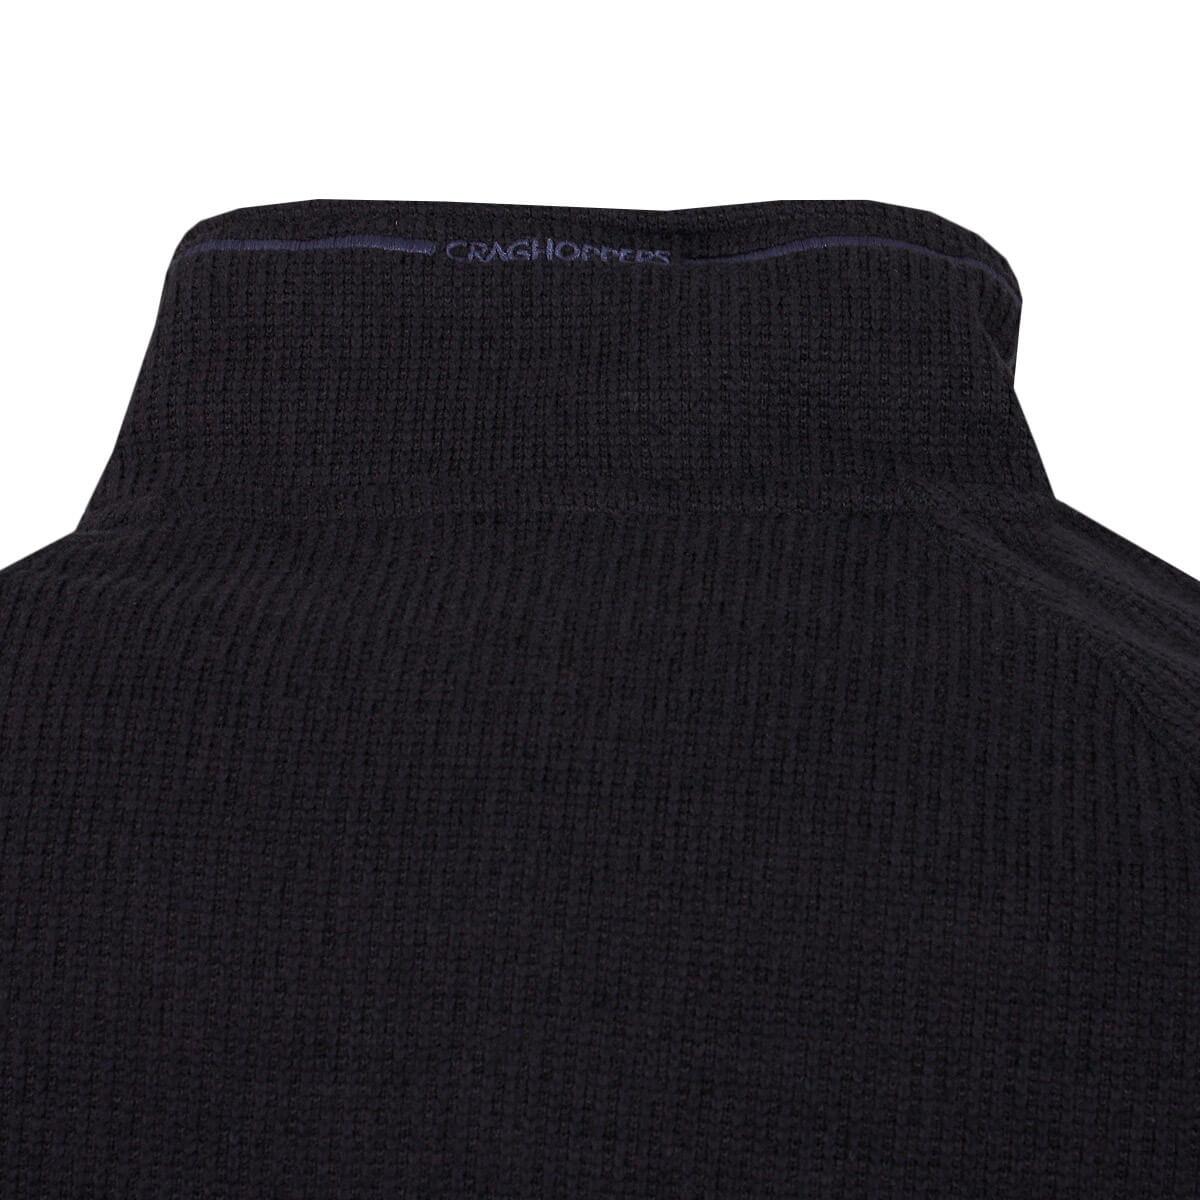 Craghoppers-Mens-Norton-Half-Zip-Fleece-Outdoor-Sweater-Pullover-60-OFF-RRP Indexbild 5